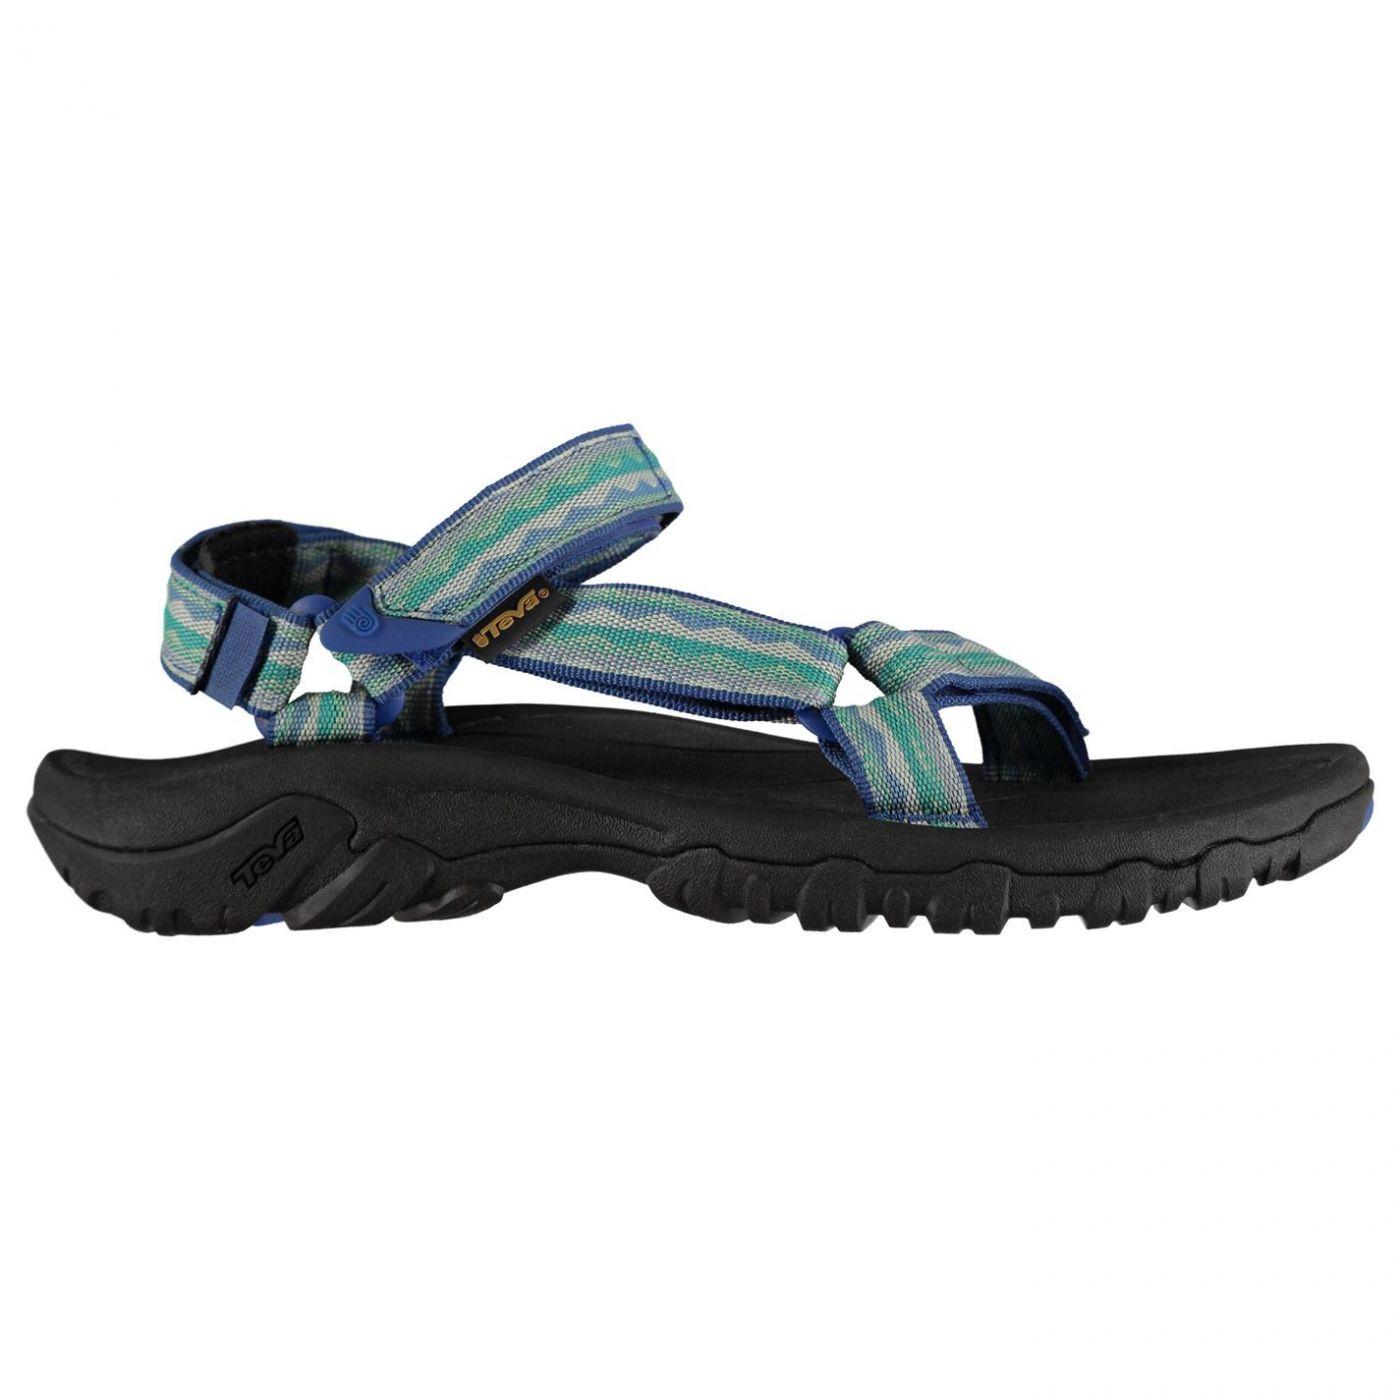 Teva Hurricane XLT Ladies Walking Sandals